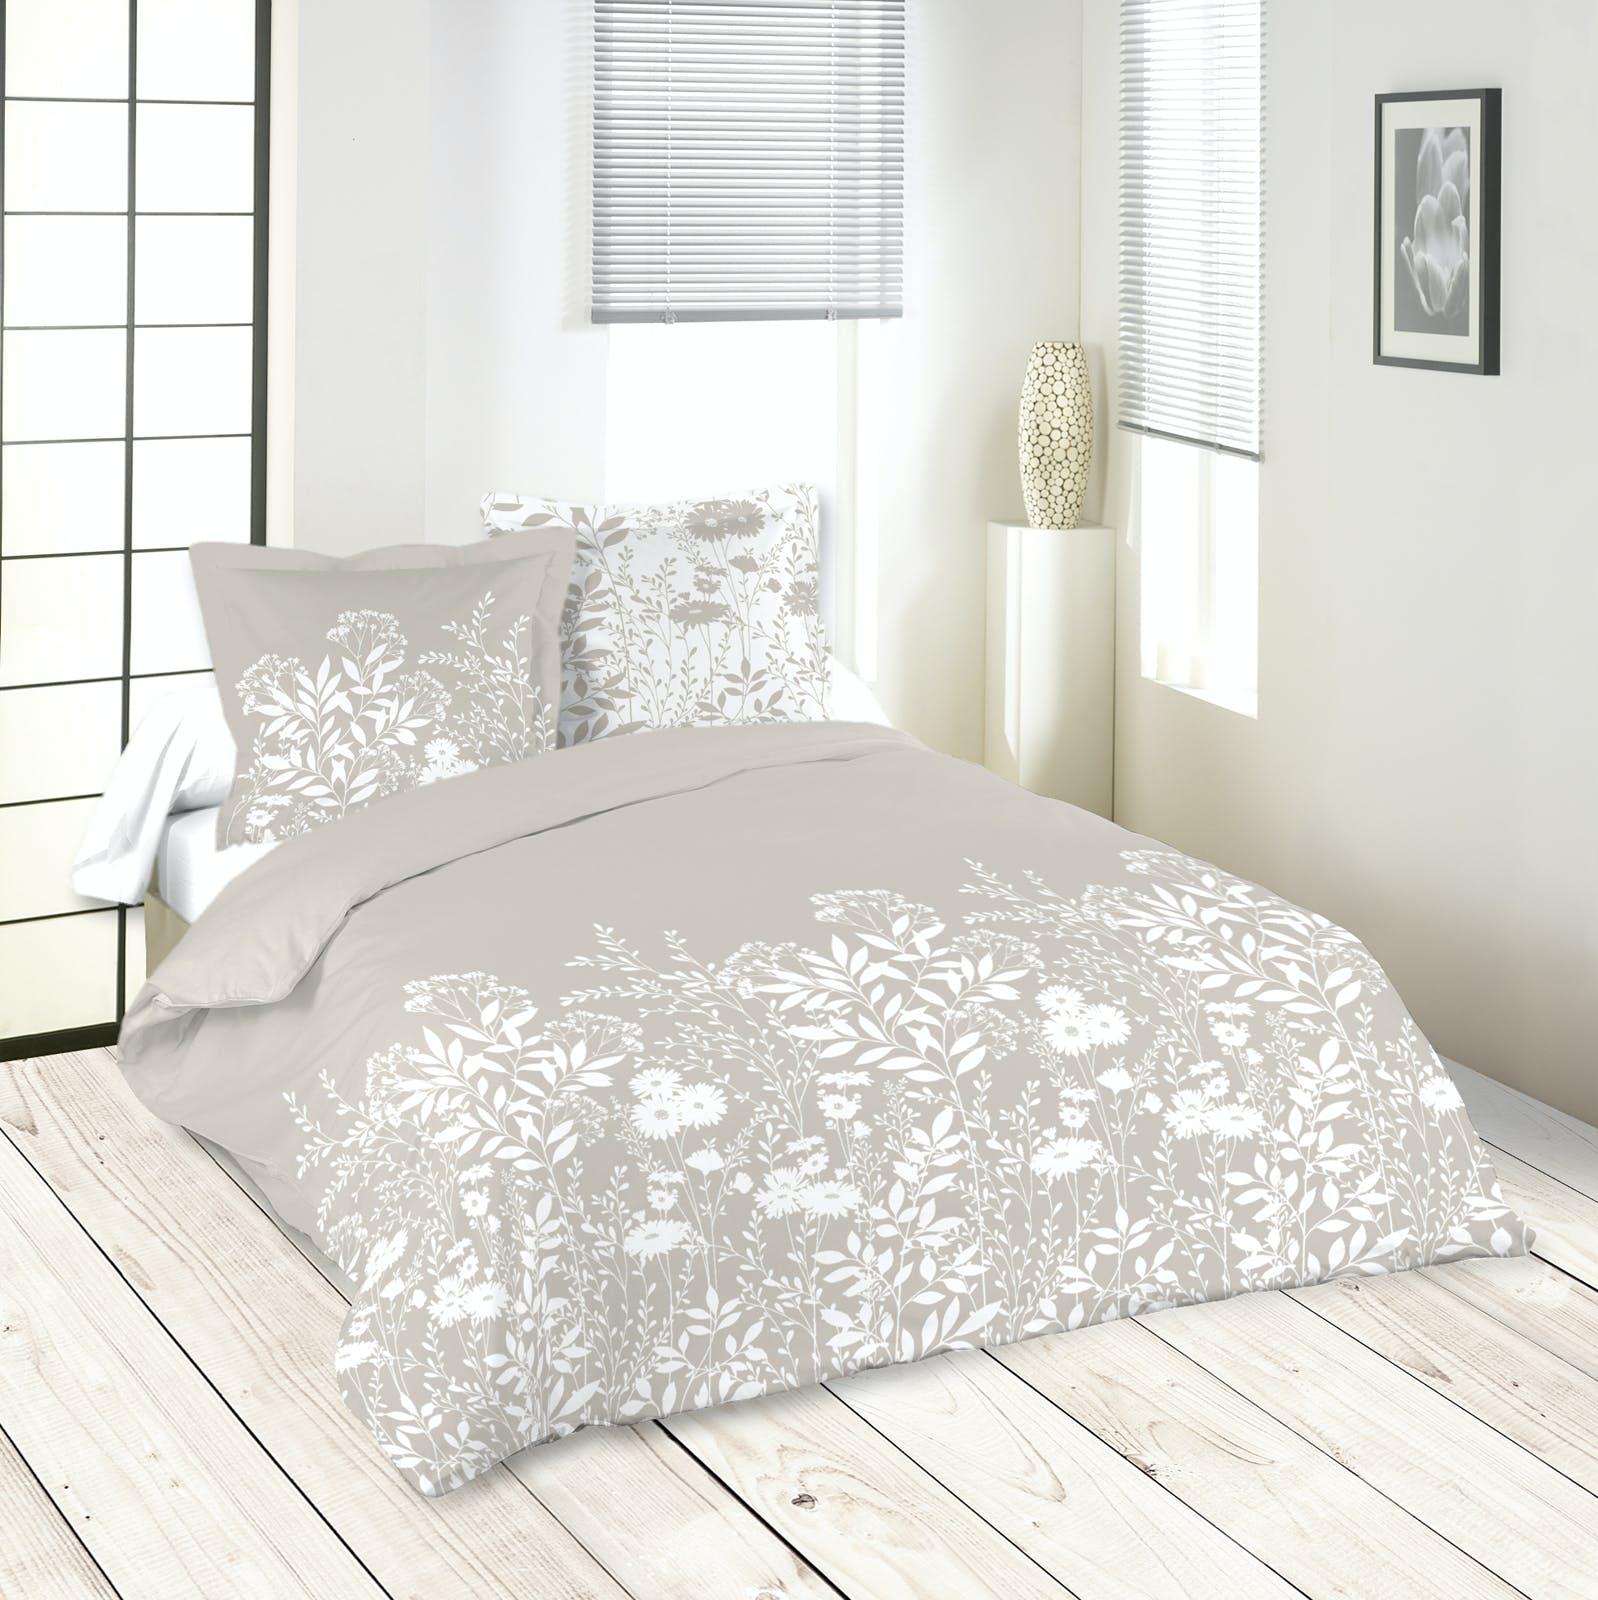 Parure de lit motifs fleurs 260x240cm housse de couette + 2 taies 63x63cm NATUREL